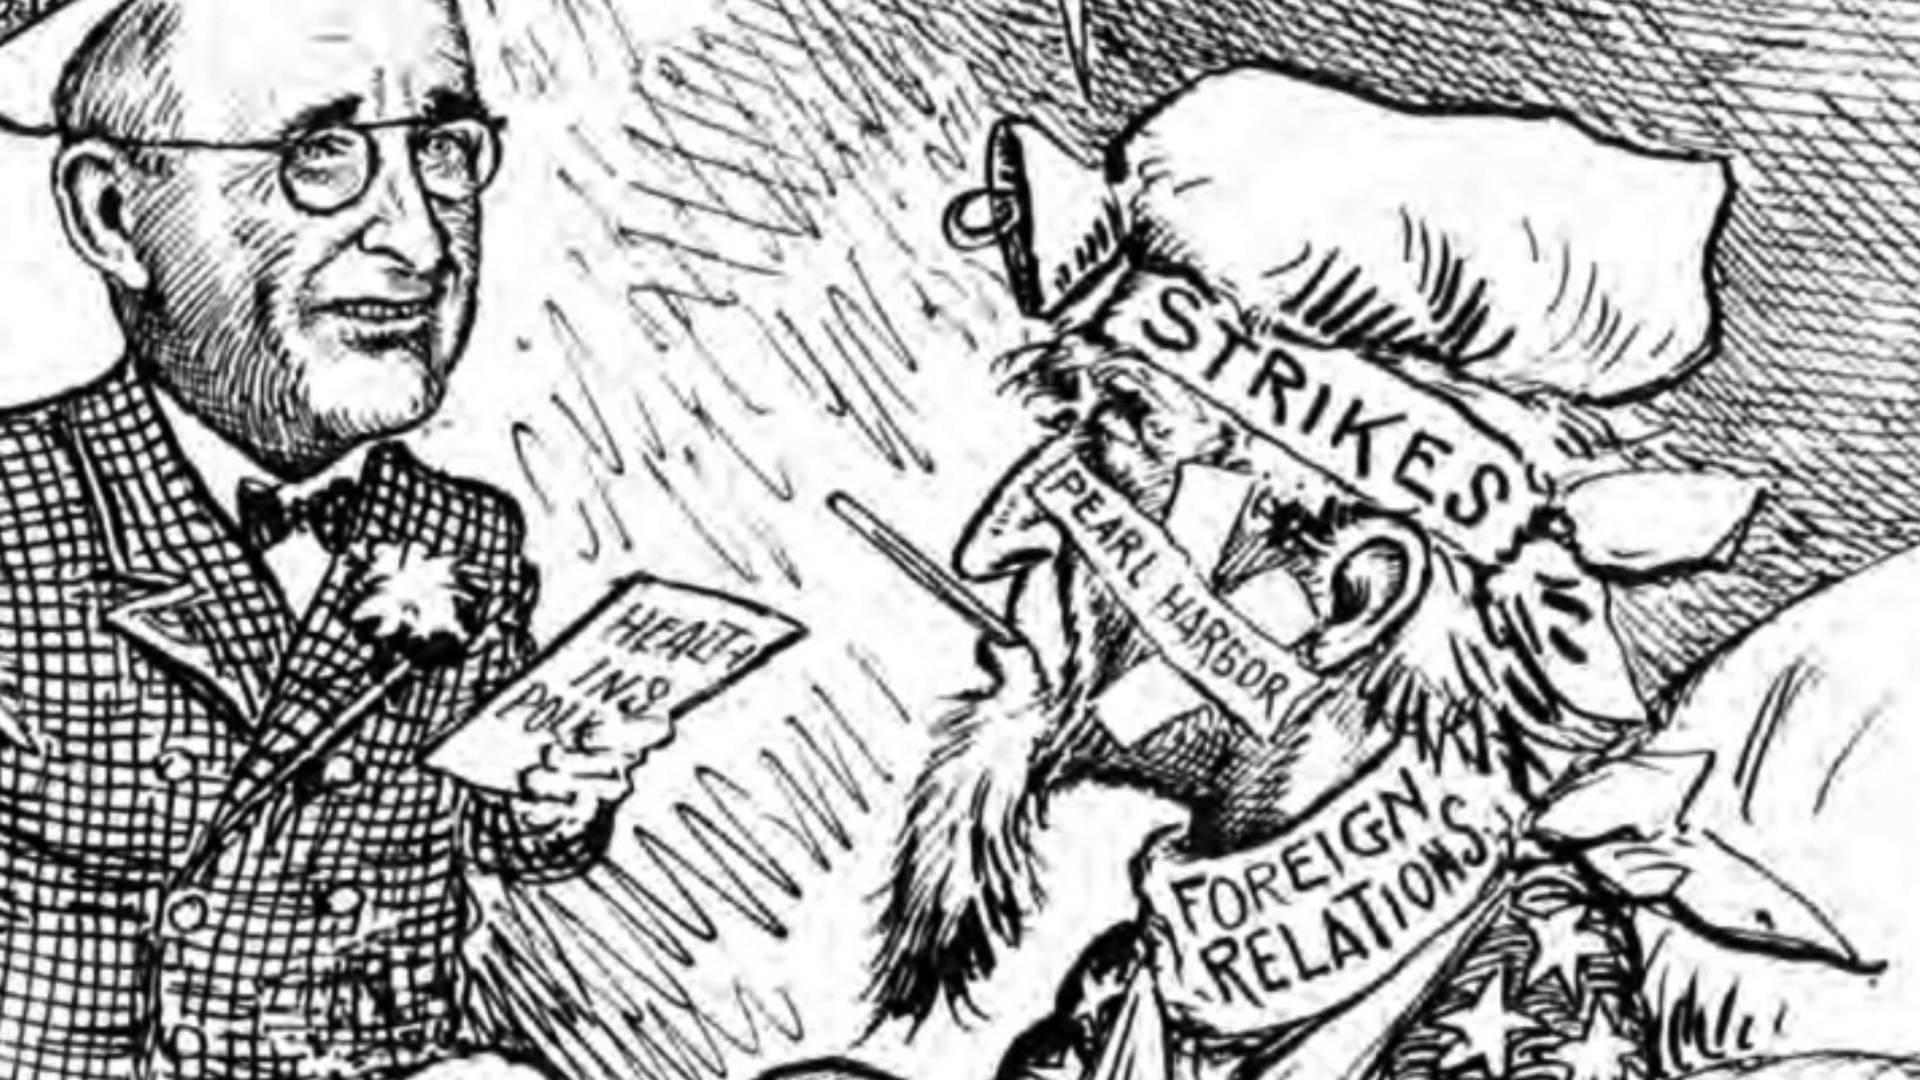 1920x1080 A History Of Health Care Reform Through Political Cartoons